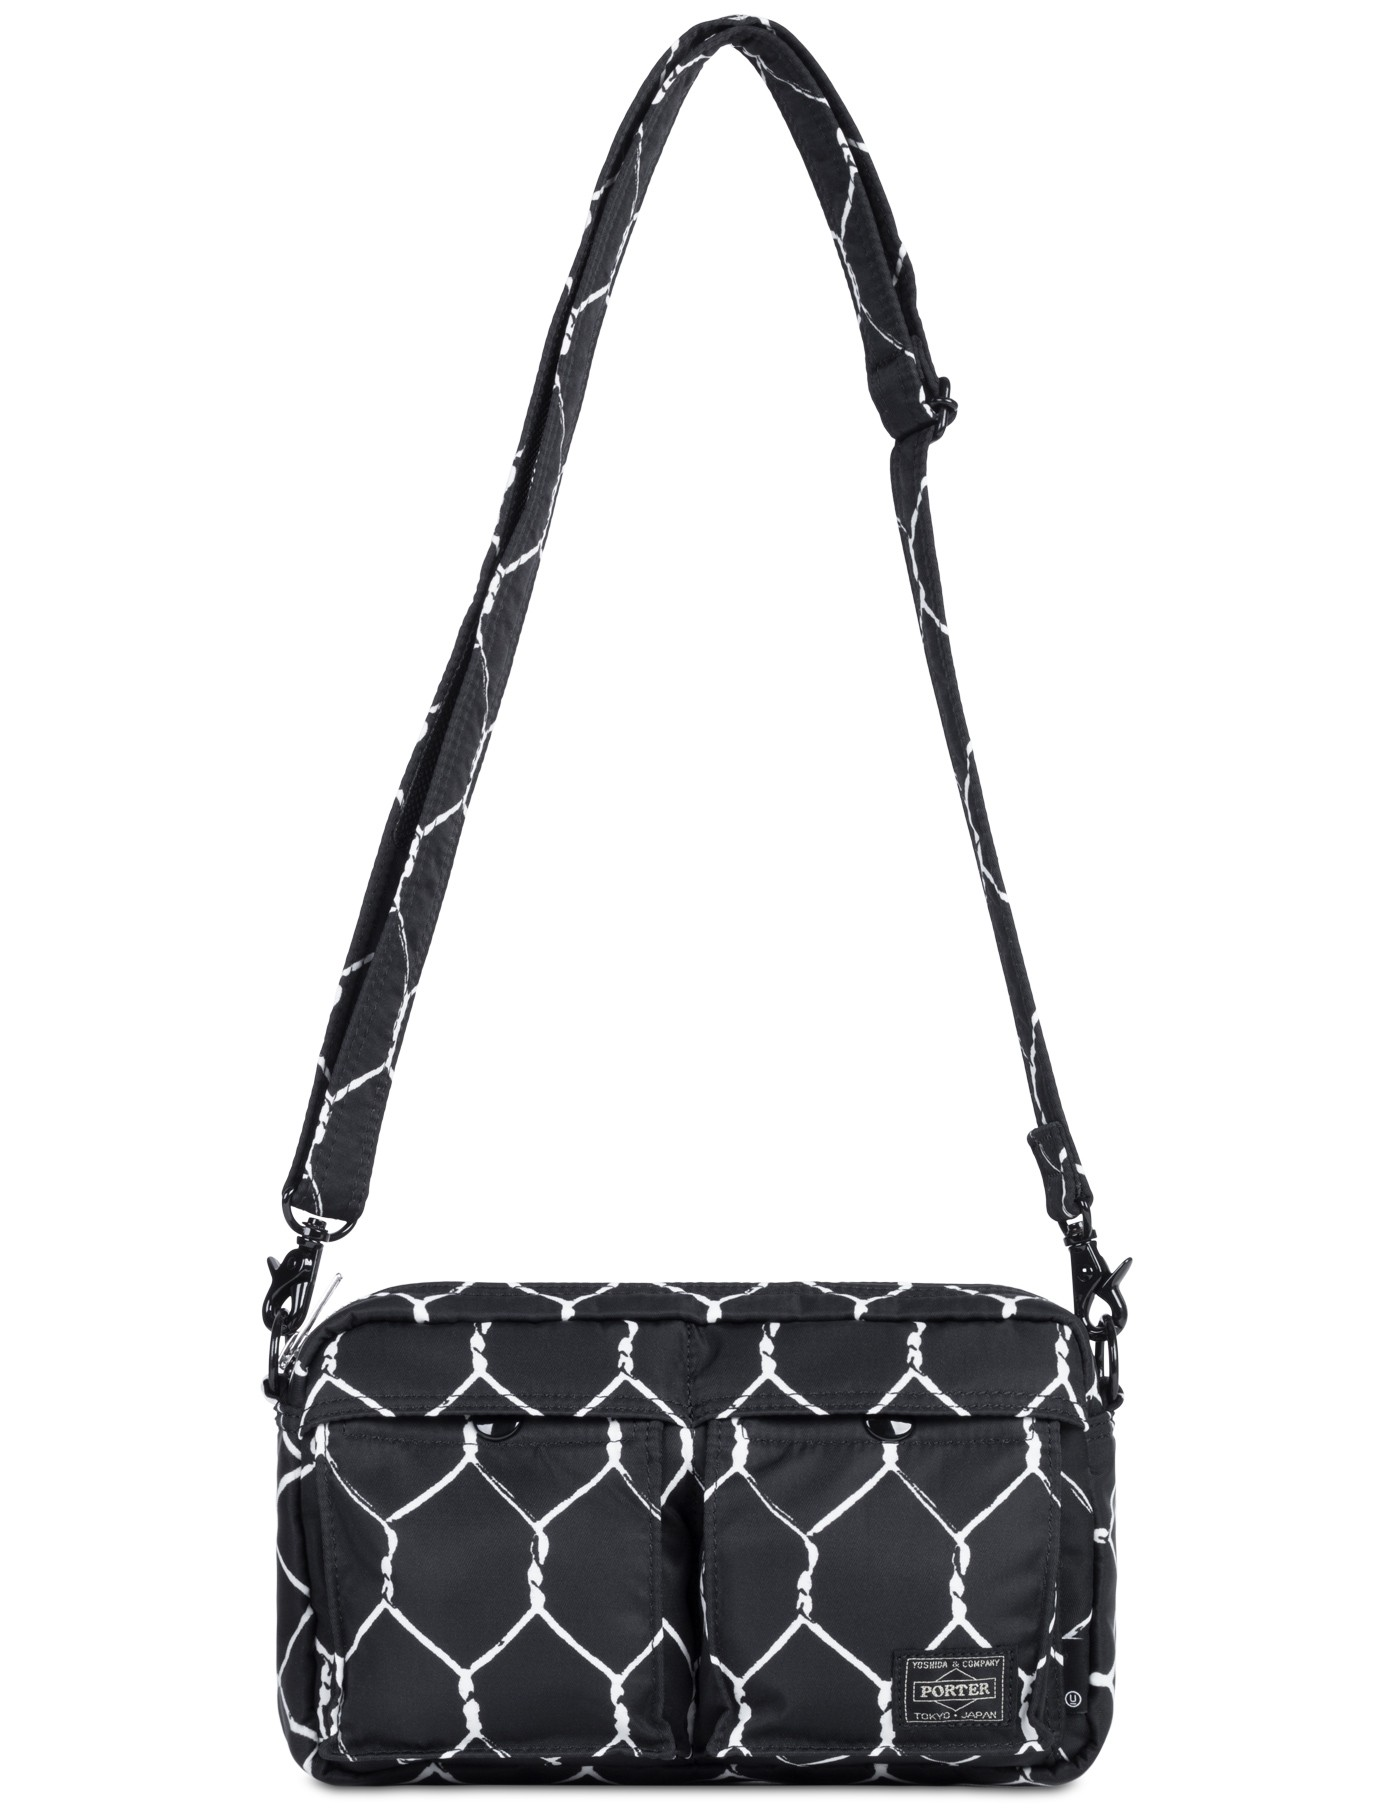 UNDERCOVER x Porter Shoulder Bag